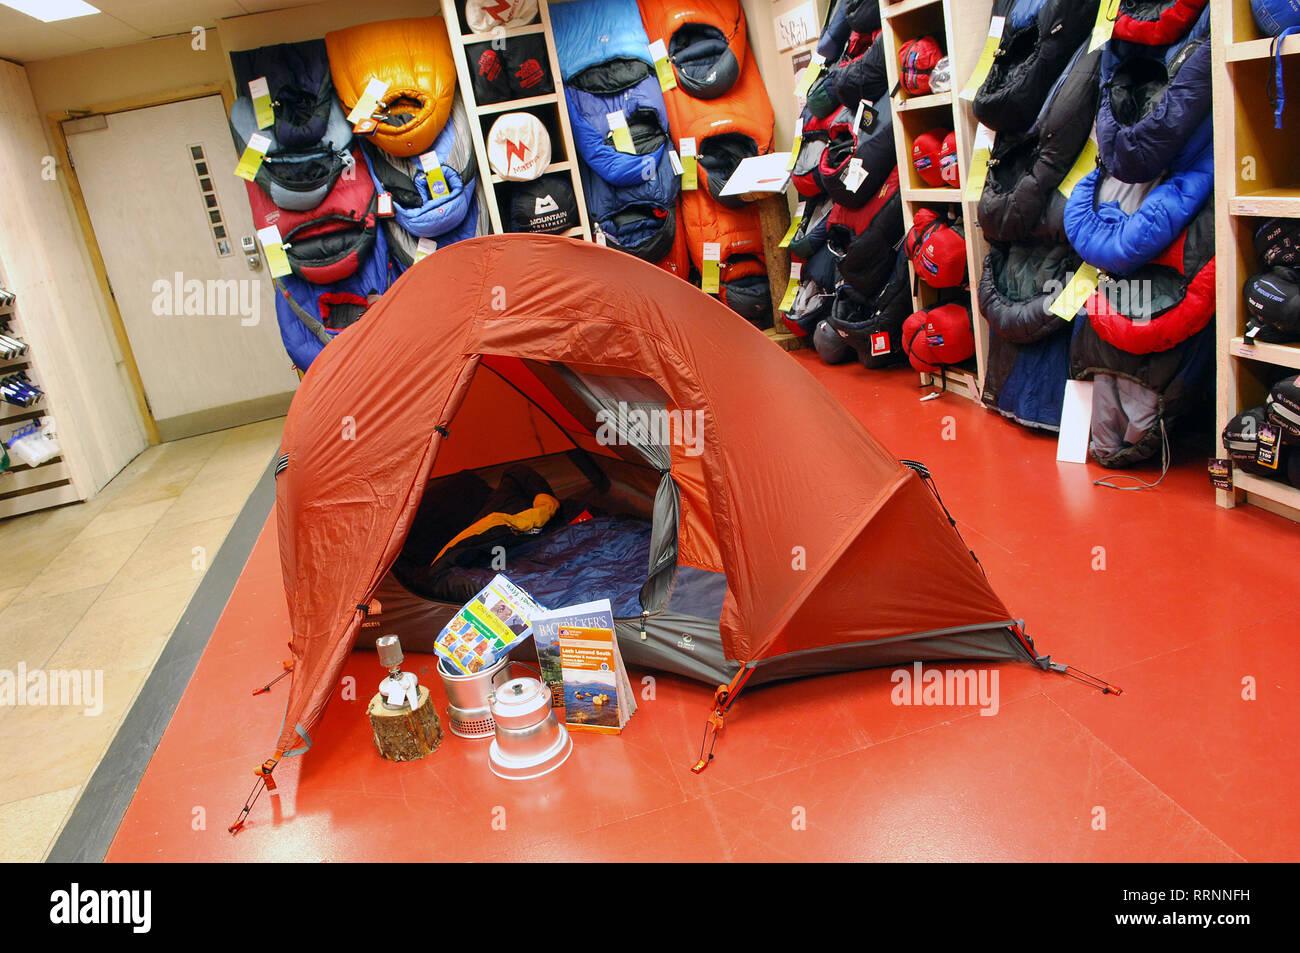 Kletterausrüstung Sale : Campingzubehör kletterausrüstung für verkauf in cotswold im